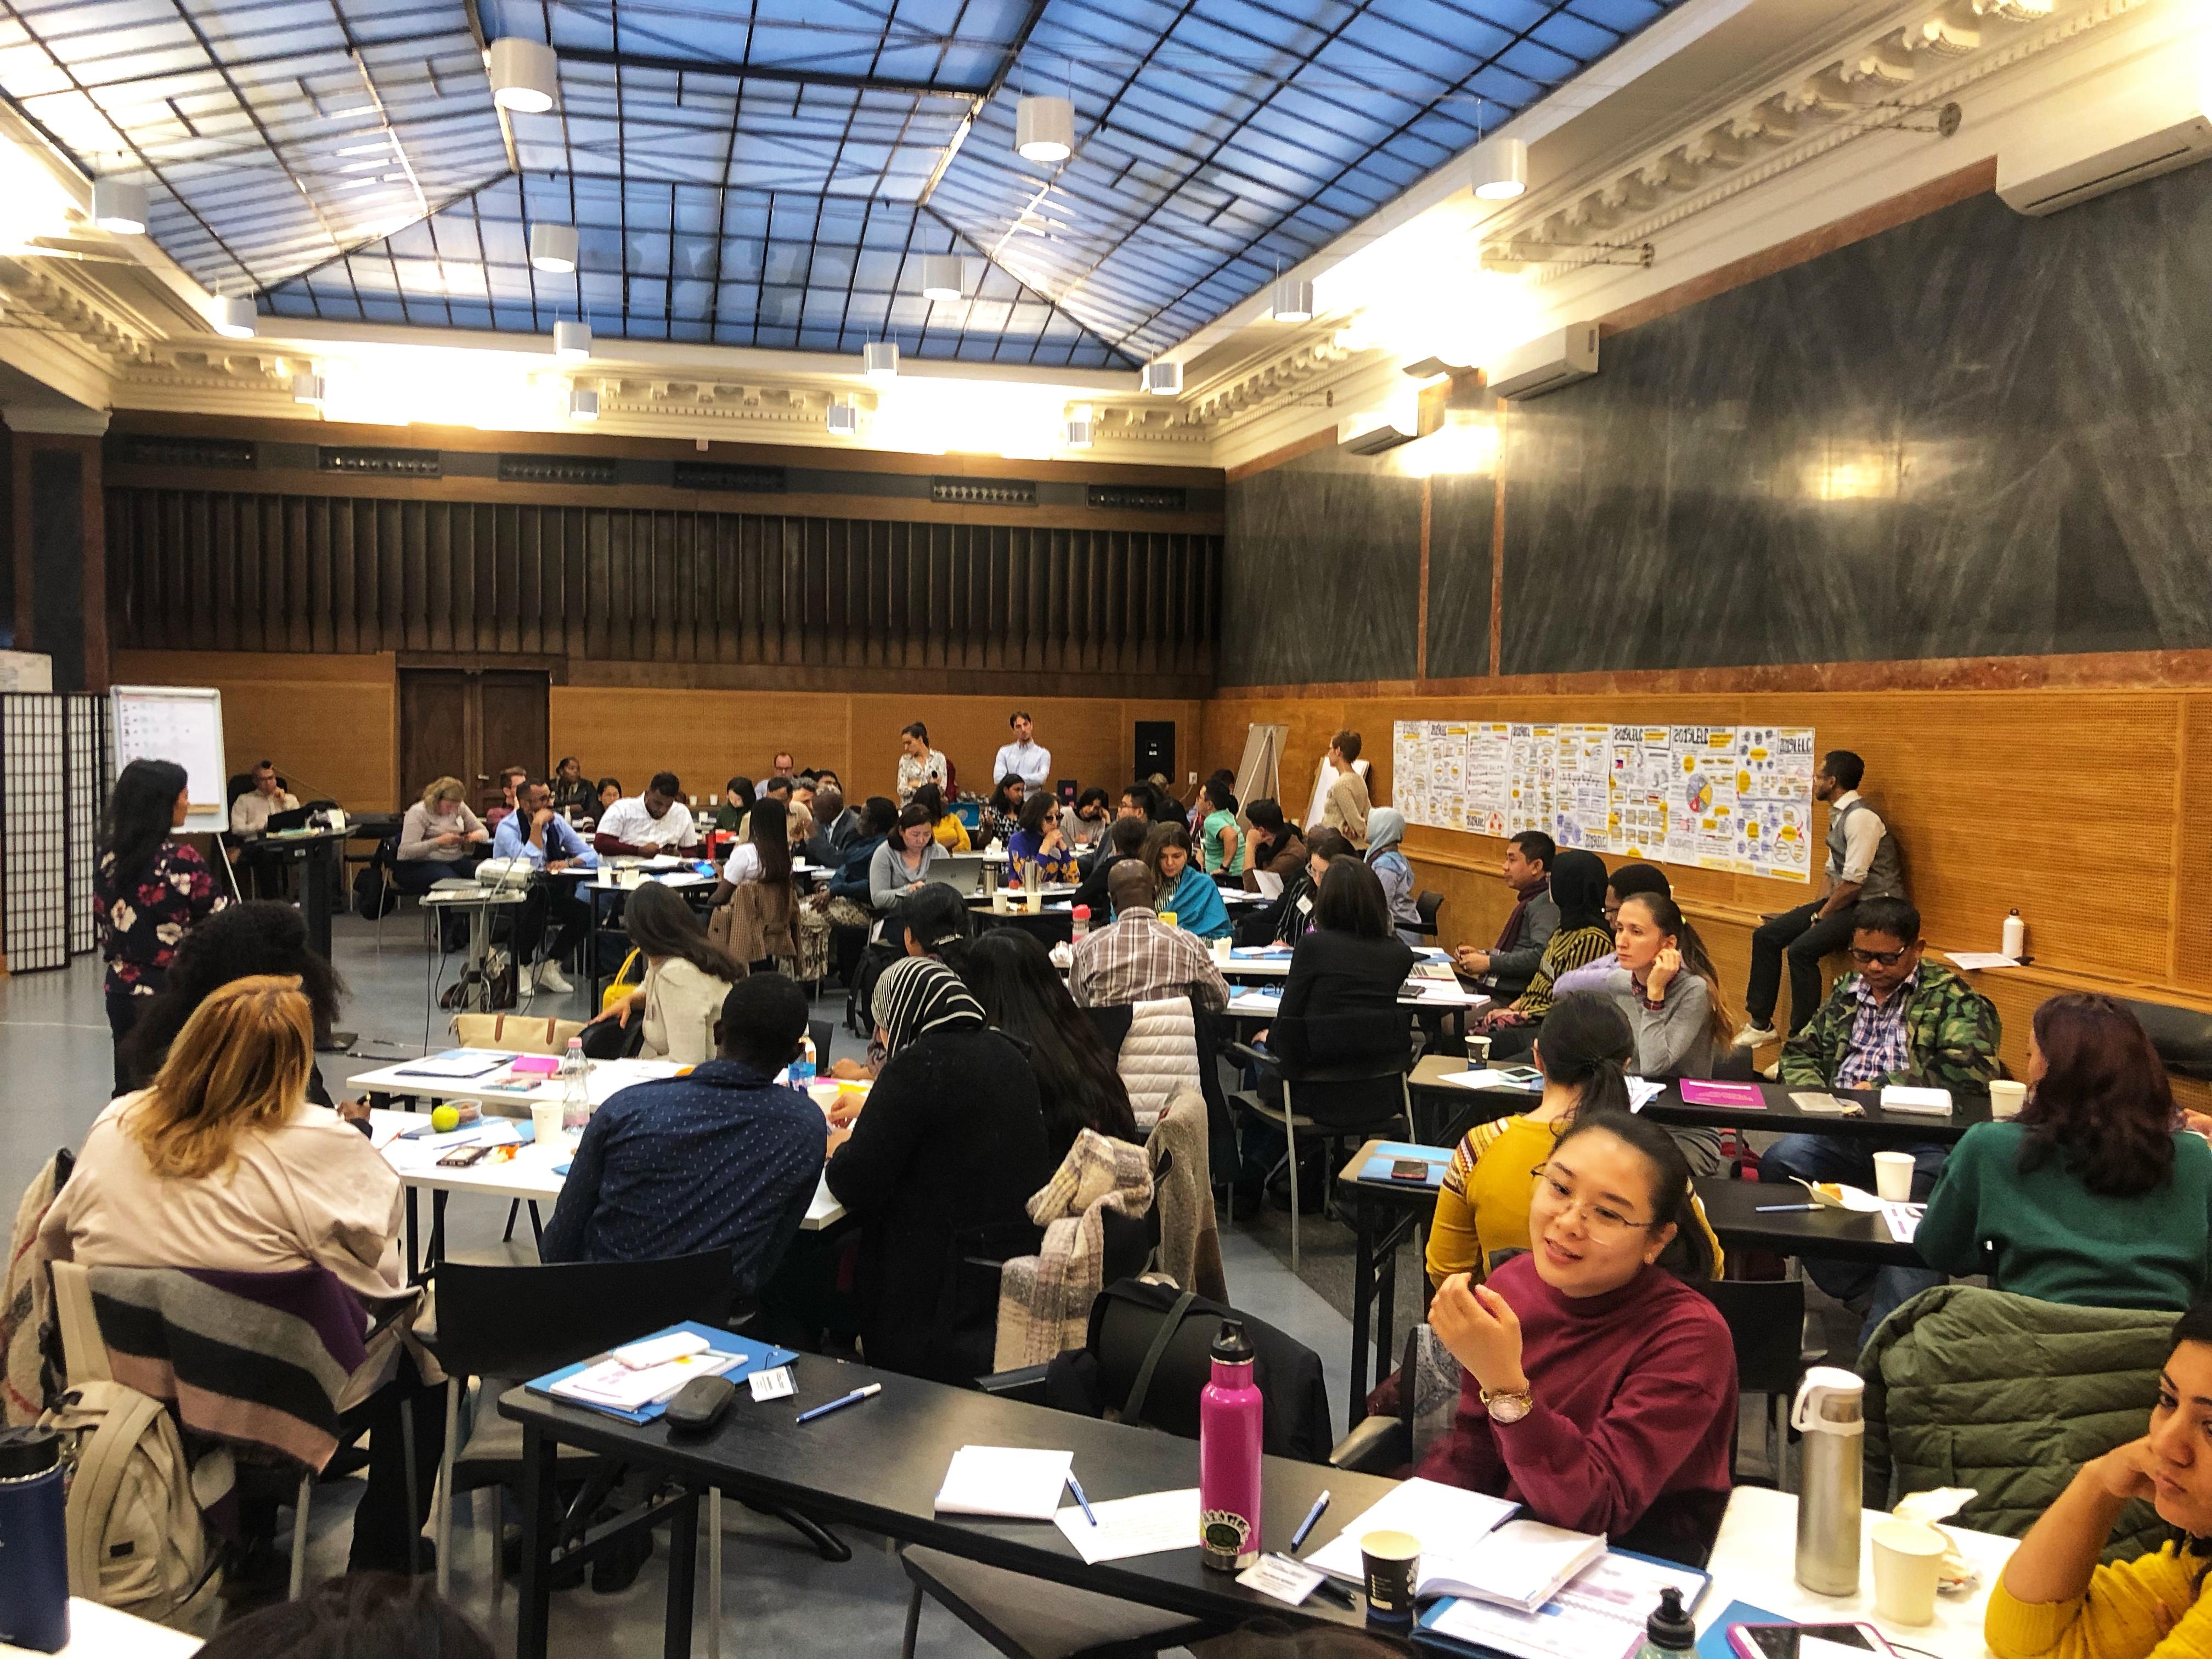 Важливі інсайти протягом #LegalEmpowerment Leadership Course 2019 🇹🇯🇺🇦, корисні для будь-якої ГО, яка згуртовує людей навколо вирішення проблеми